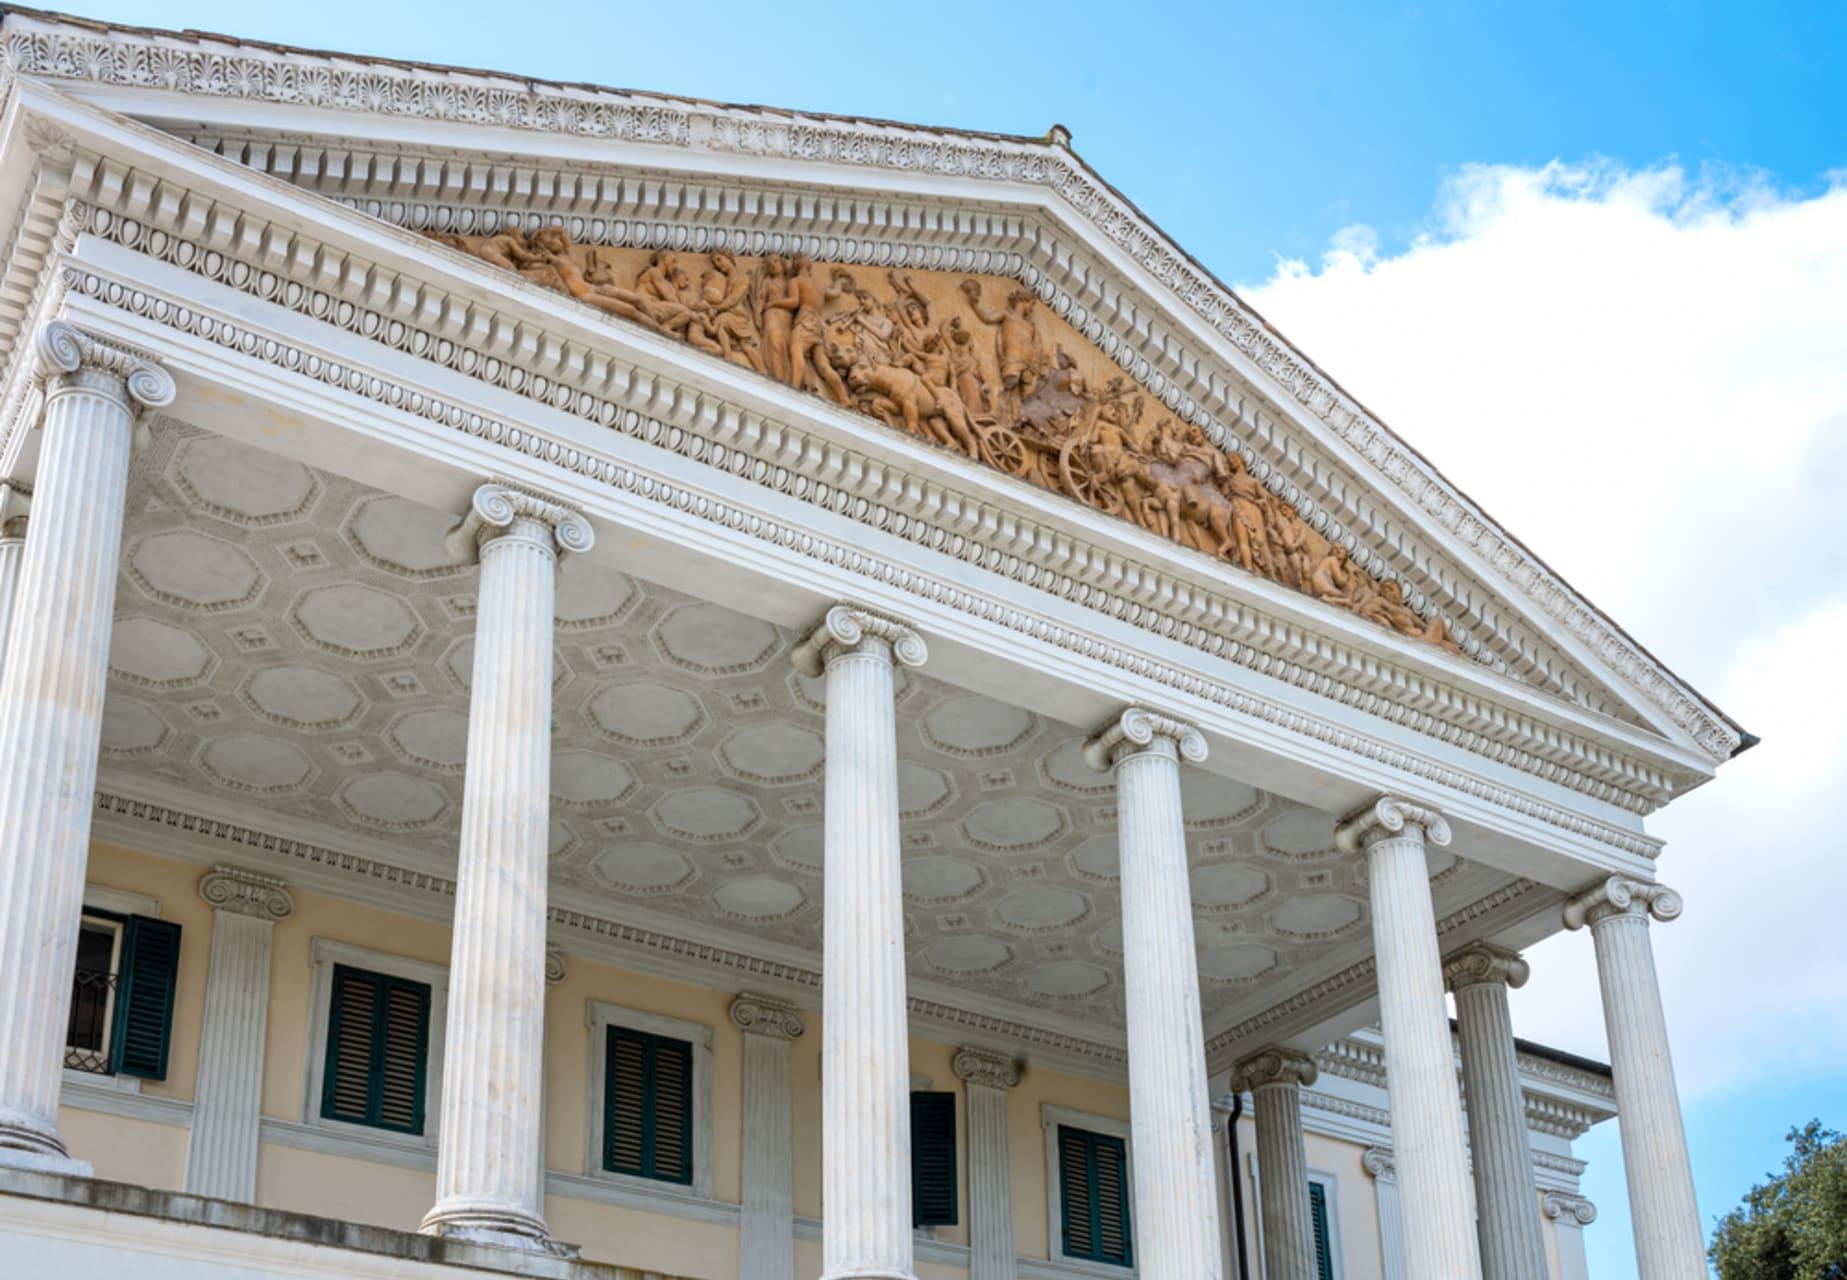 Rome - Villa Torlonia, Mussolini's house